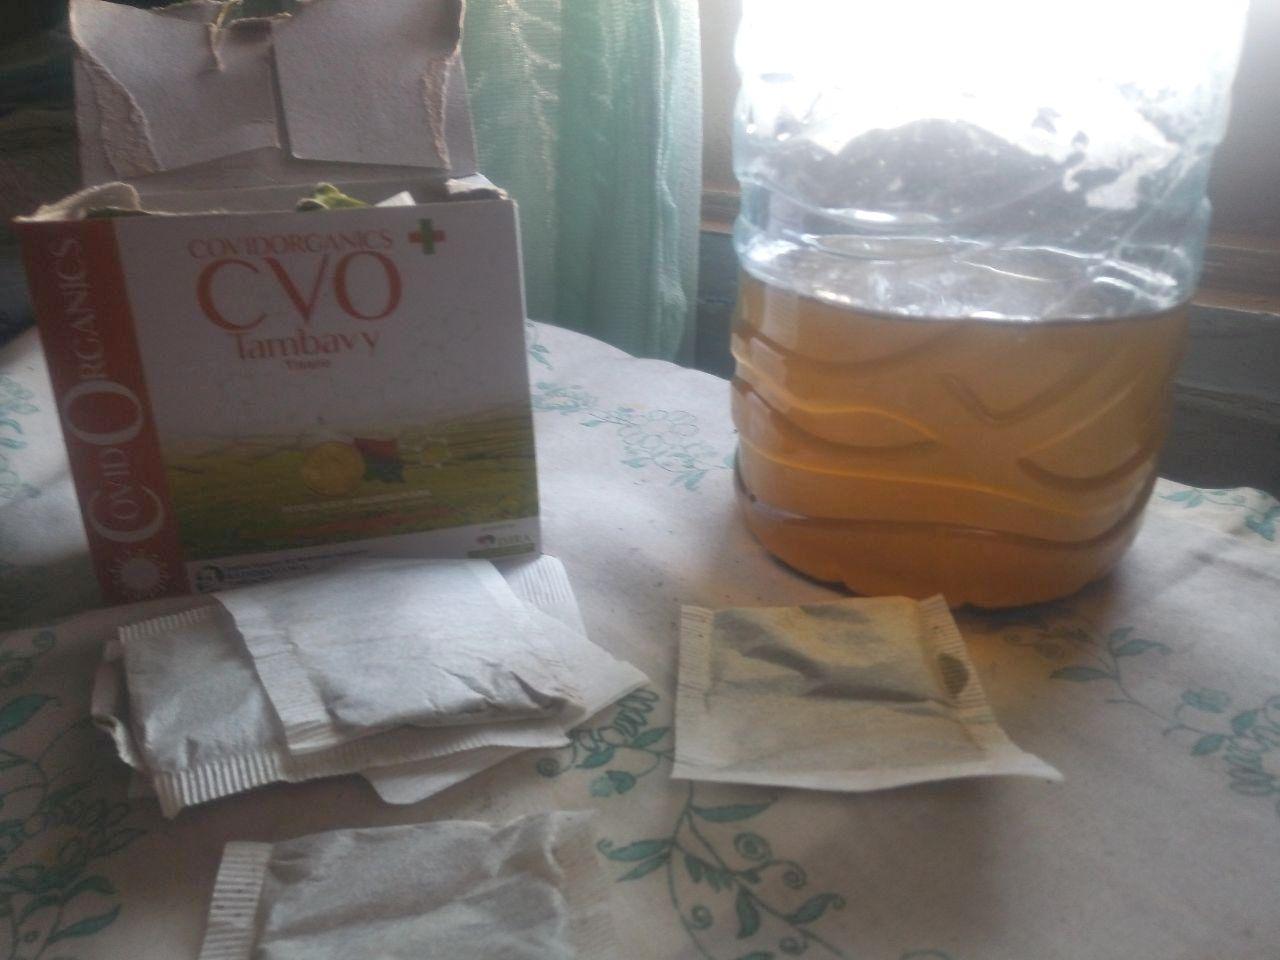 Comment utiliser le Tambavy CVO en sachets/dosettes. Doses, posologie et mode d'emploi.